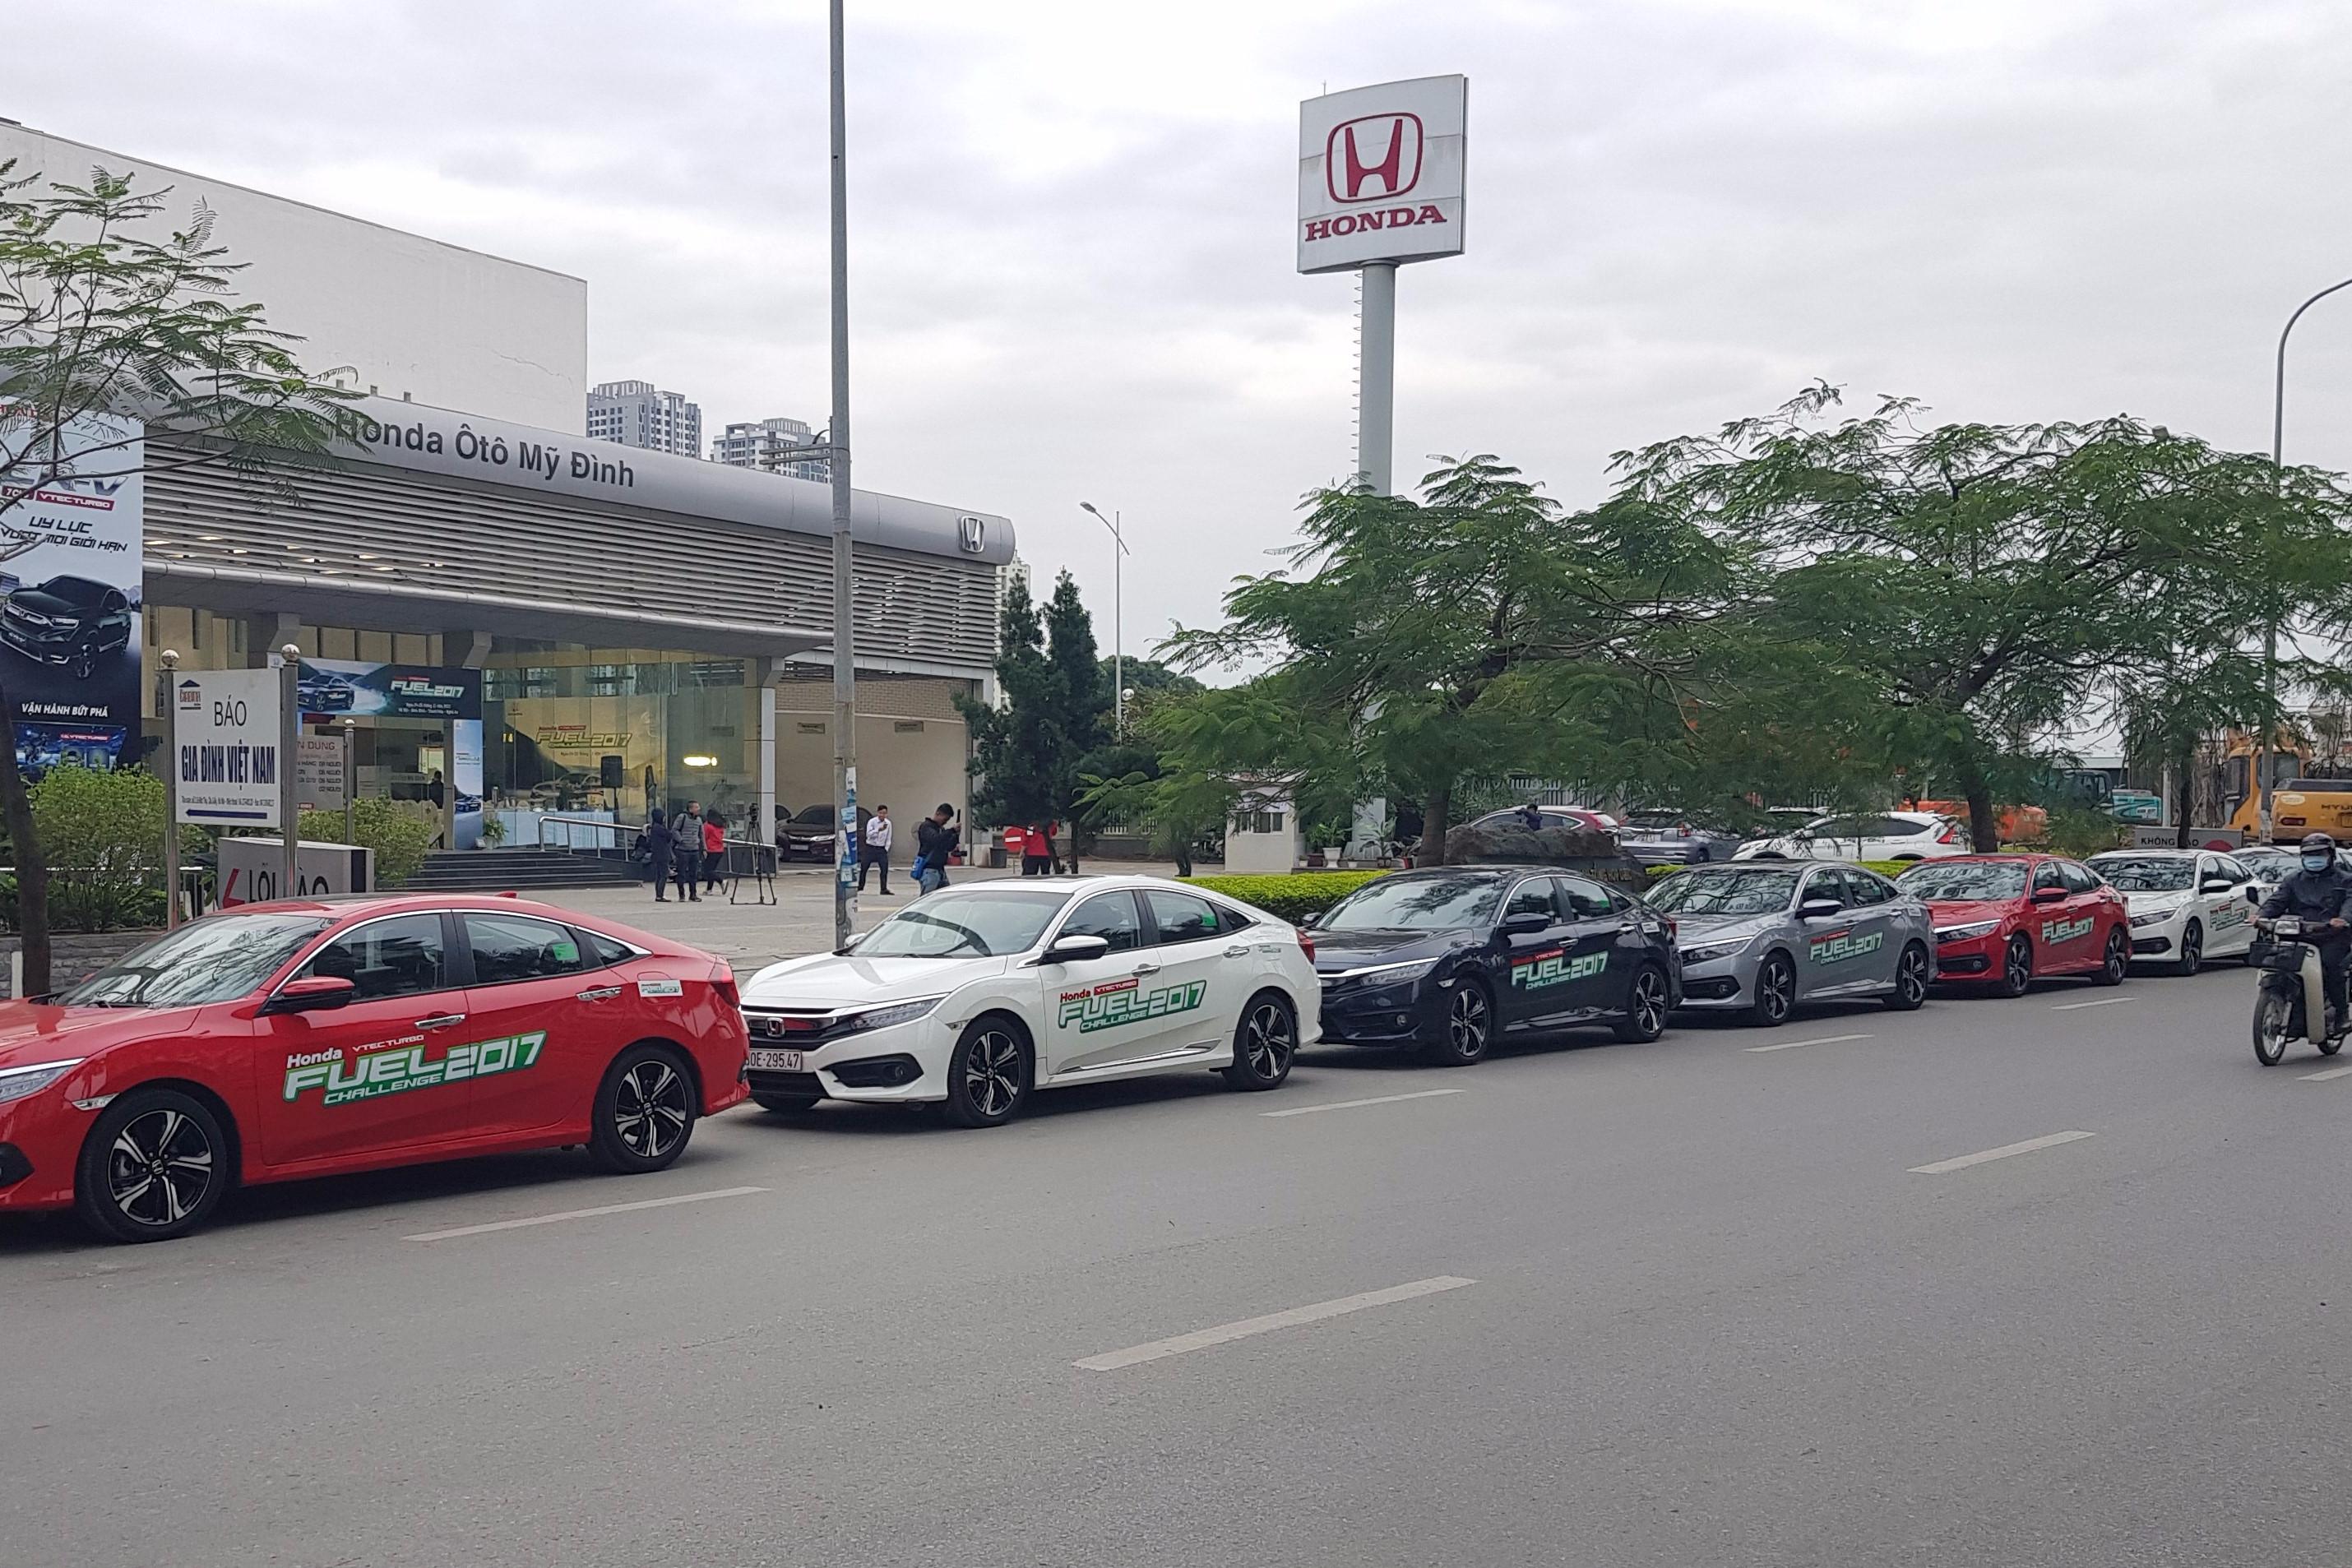 Ấn tượng với kết quả tiêu hao nhiên liệu trung bình của động cơ VTEC TURBO trên Honda Civic thế hệ thứ 10 (4,5L/100Km)